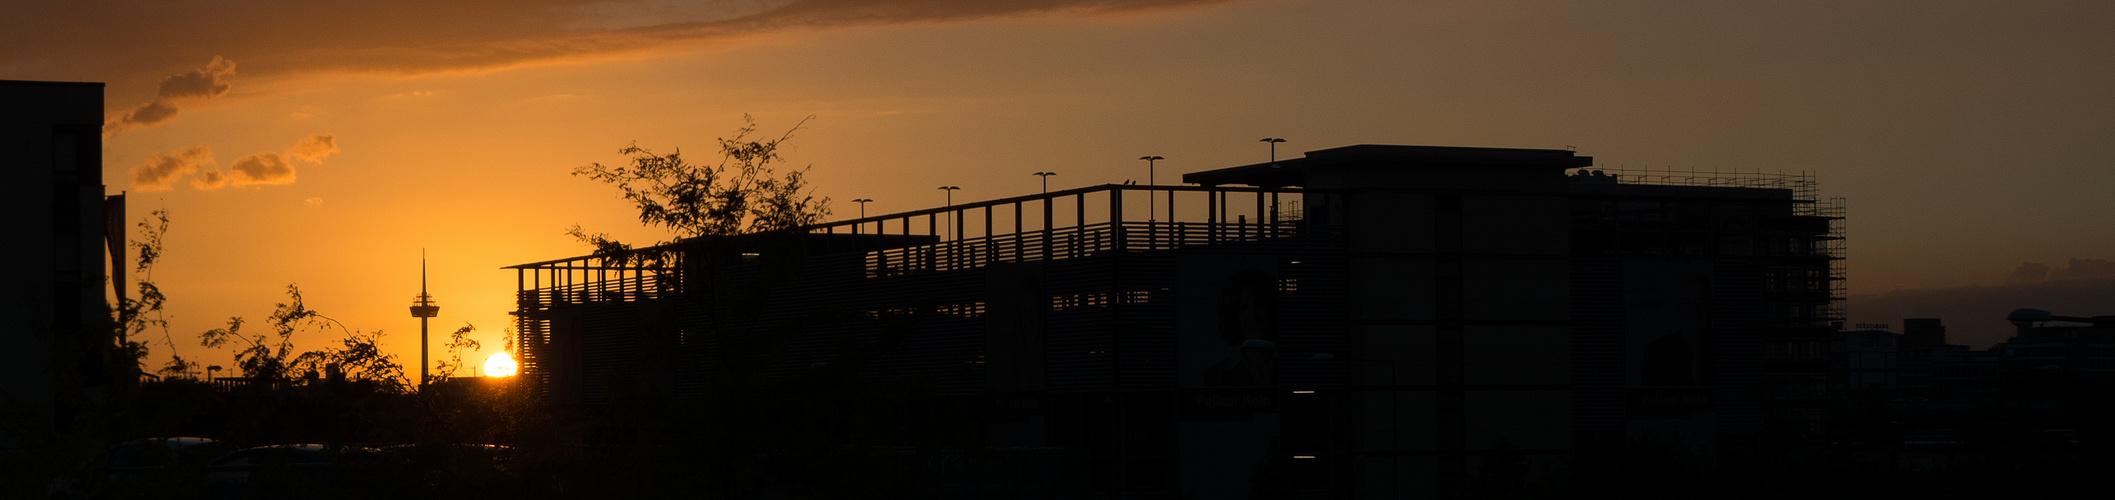 Sonnenuntergang an den Köln Arcaden